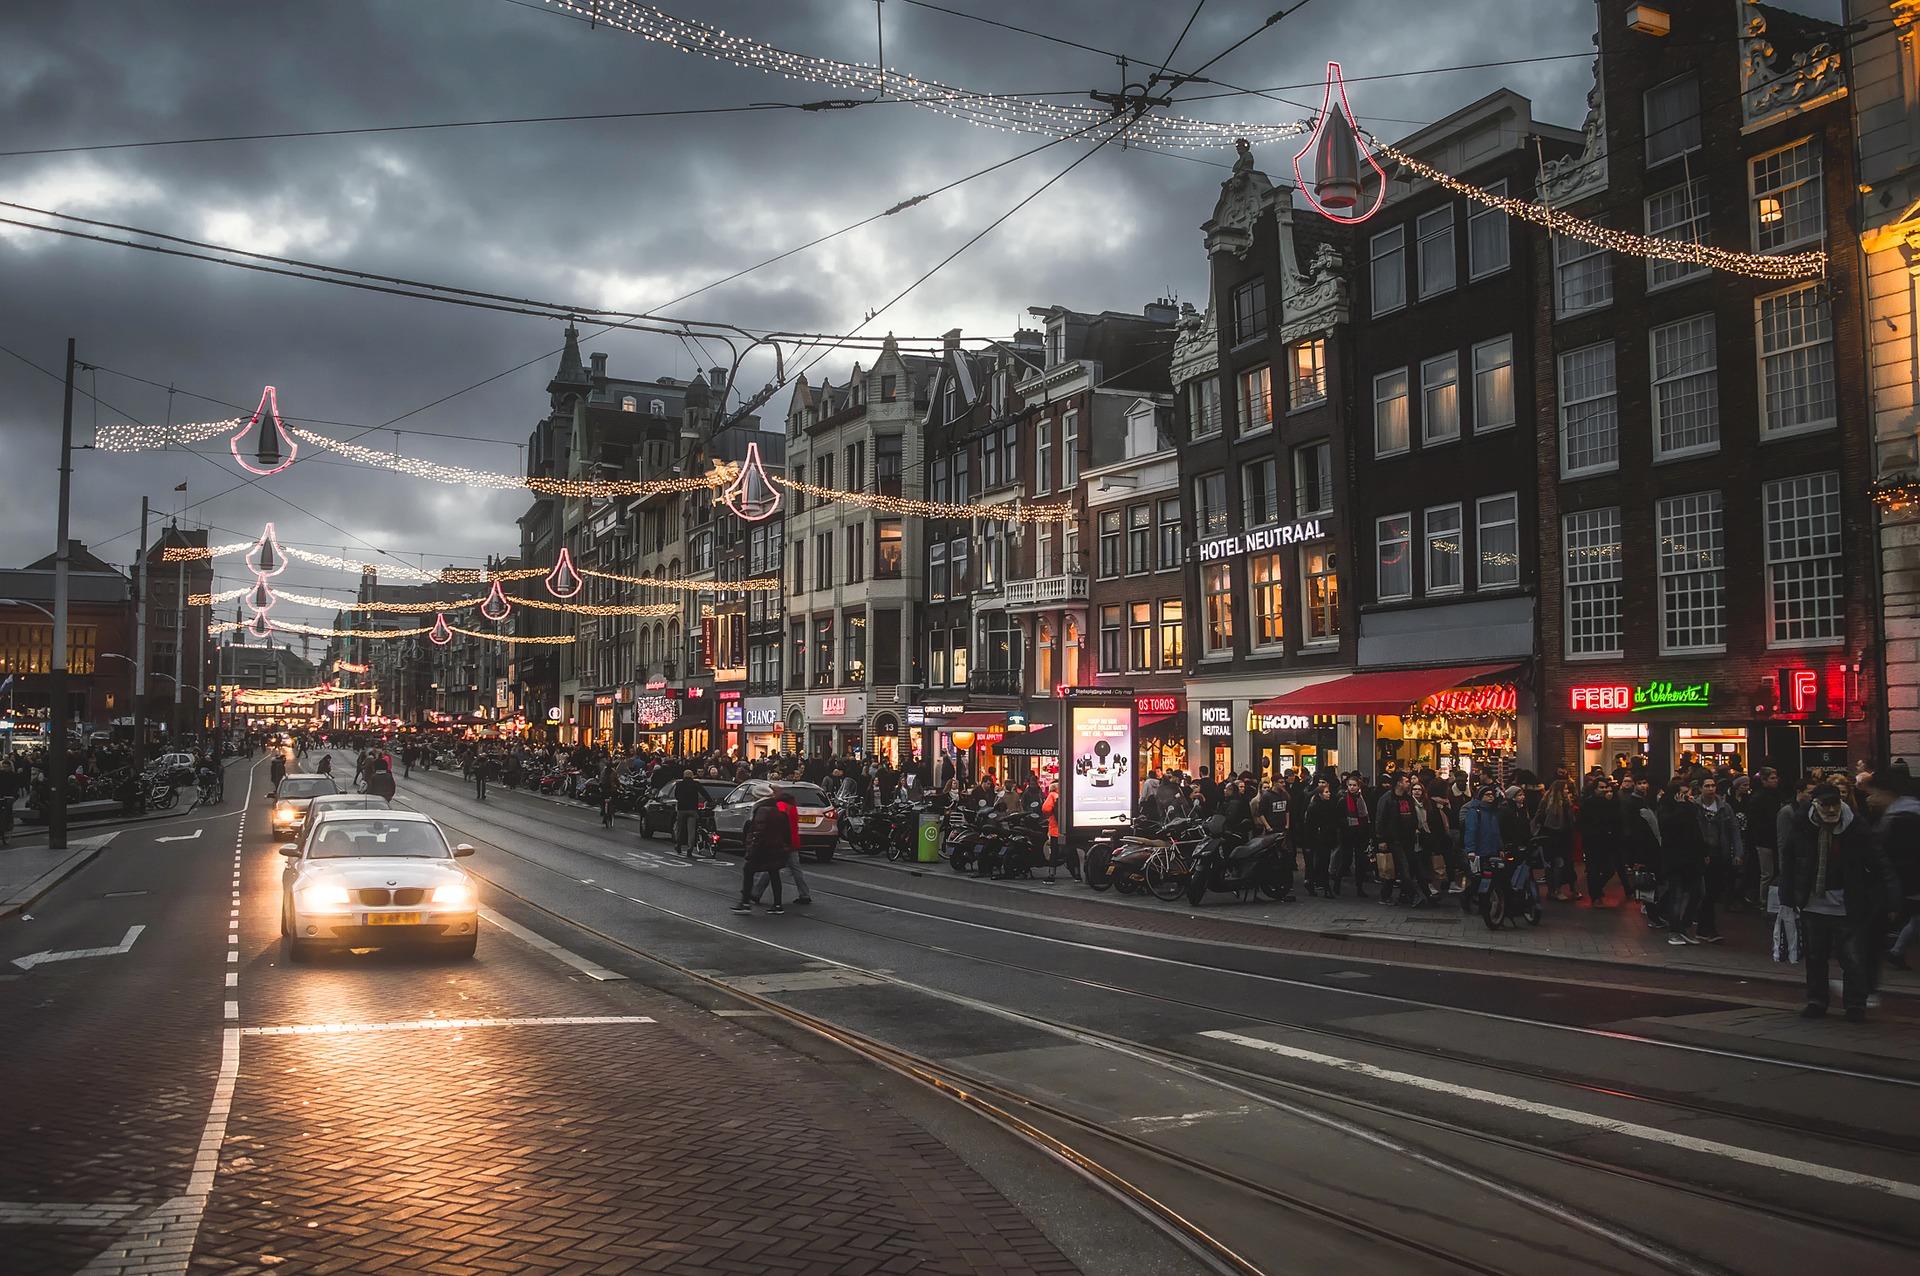 """""""Sinterklaas""""& """"Swarter Piet"""" -Weihnachten in den Niederlanden"""